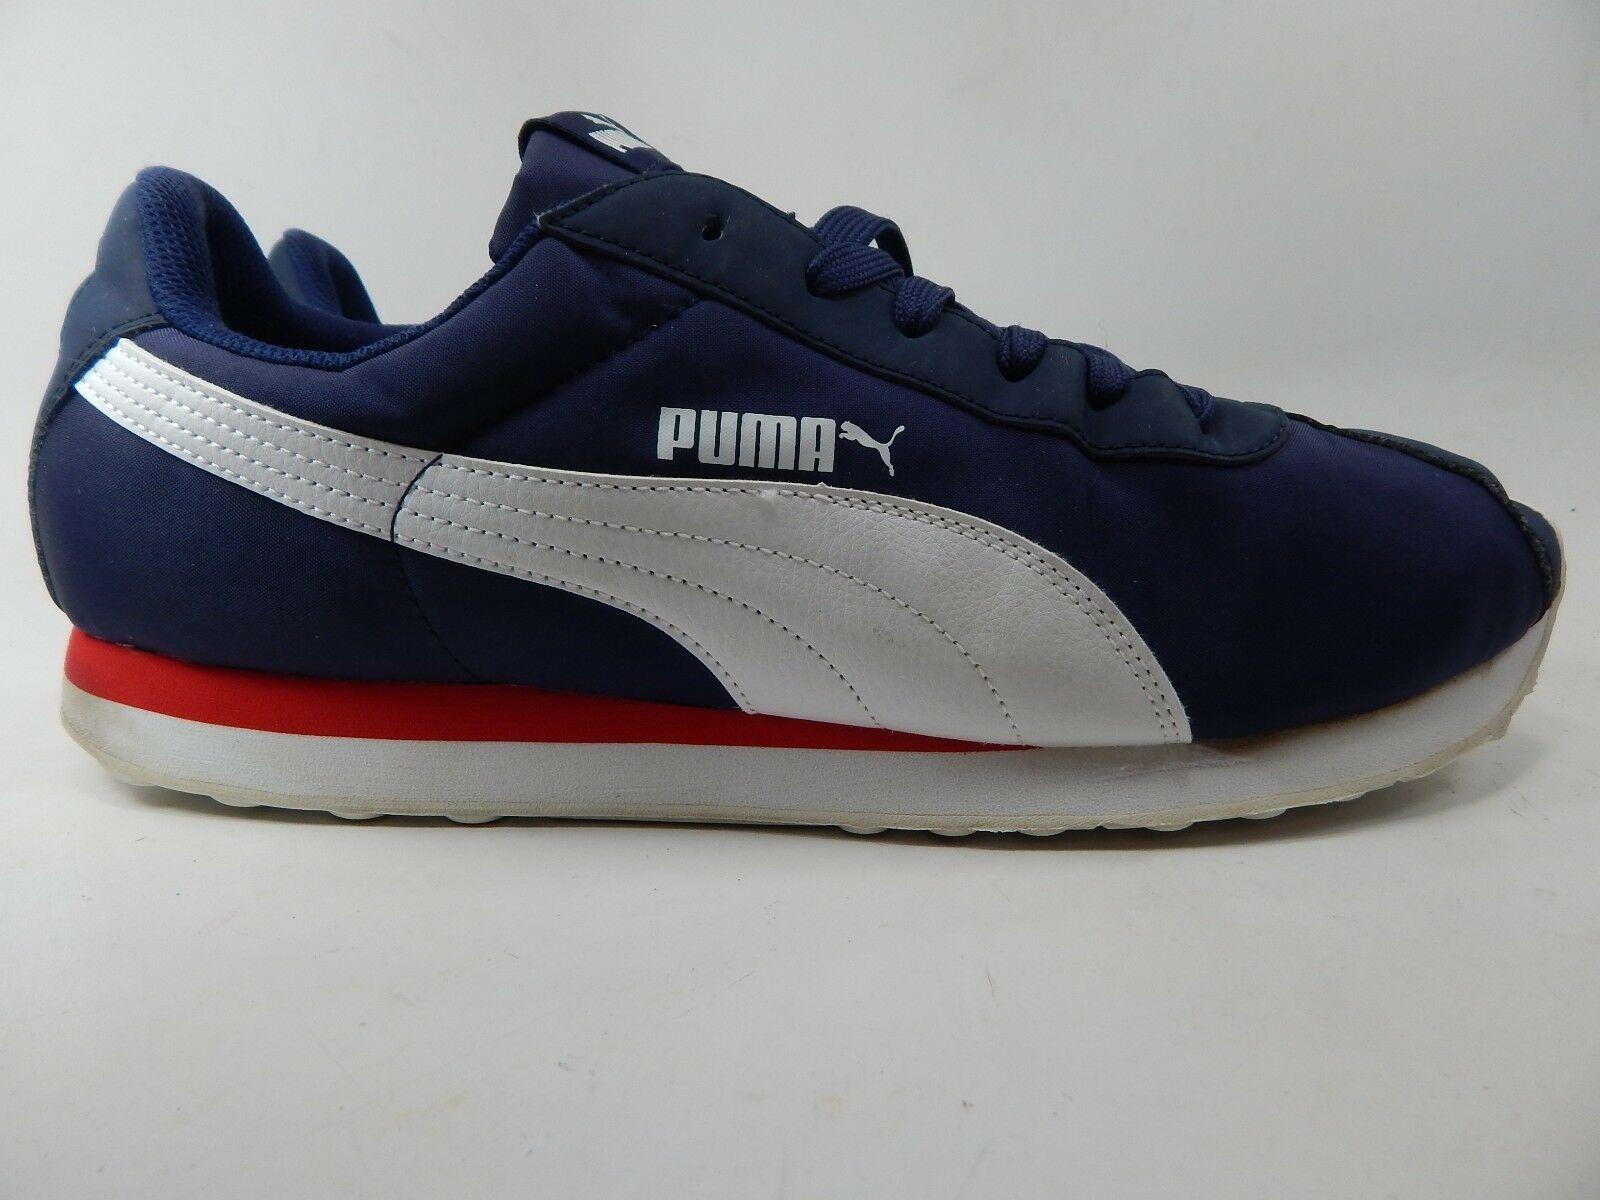 Puma Turin Nl Turnschuhe Us 13 M (D) Eu 47 Herren Nylon Freizeitschuhe Blau